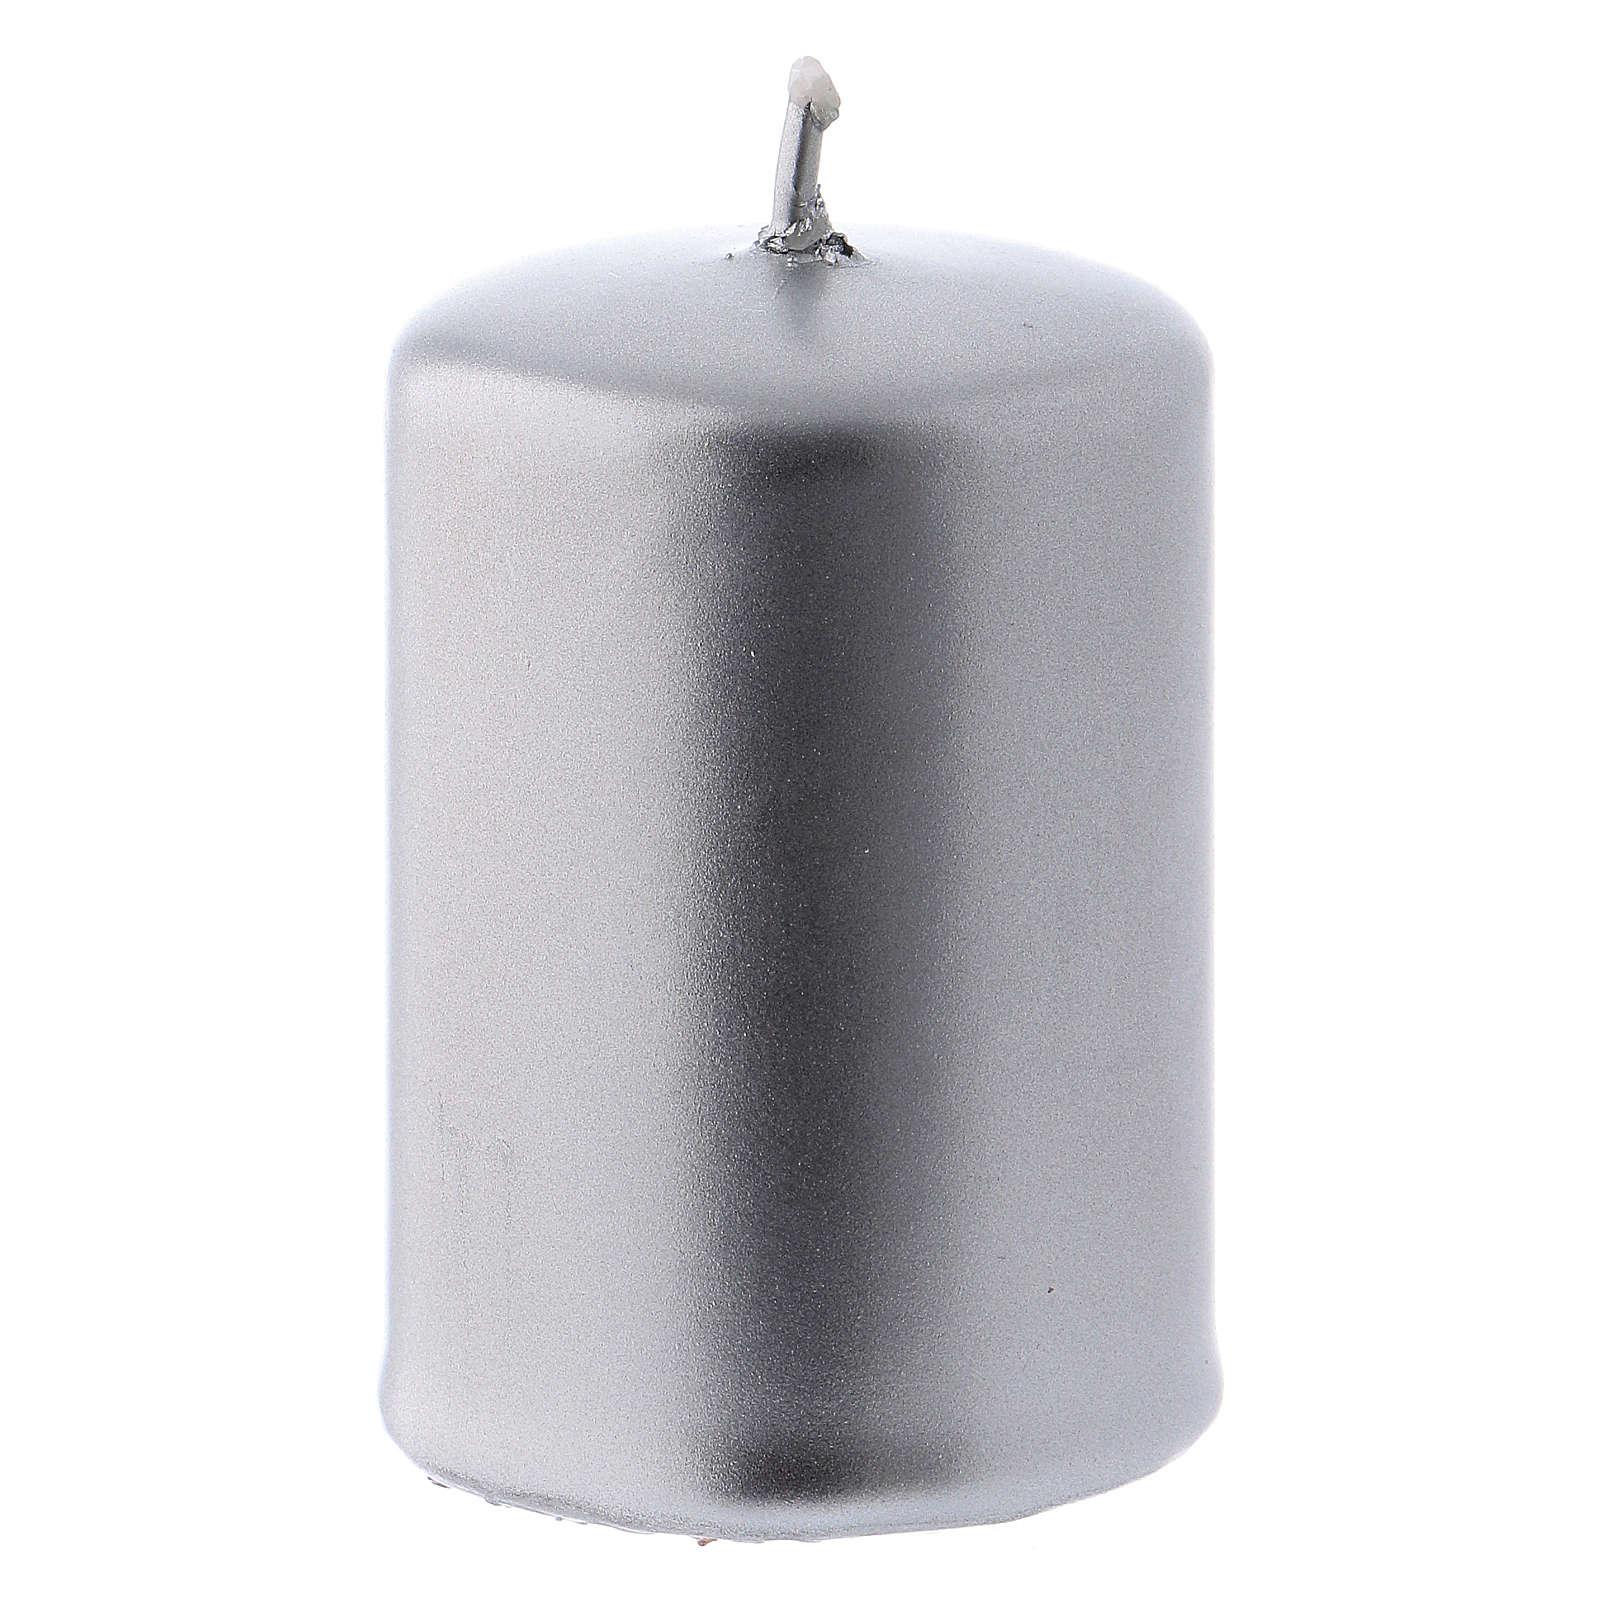 Bougie Noël métal argent Ceralacca 4x6 cm 3